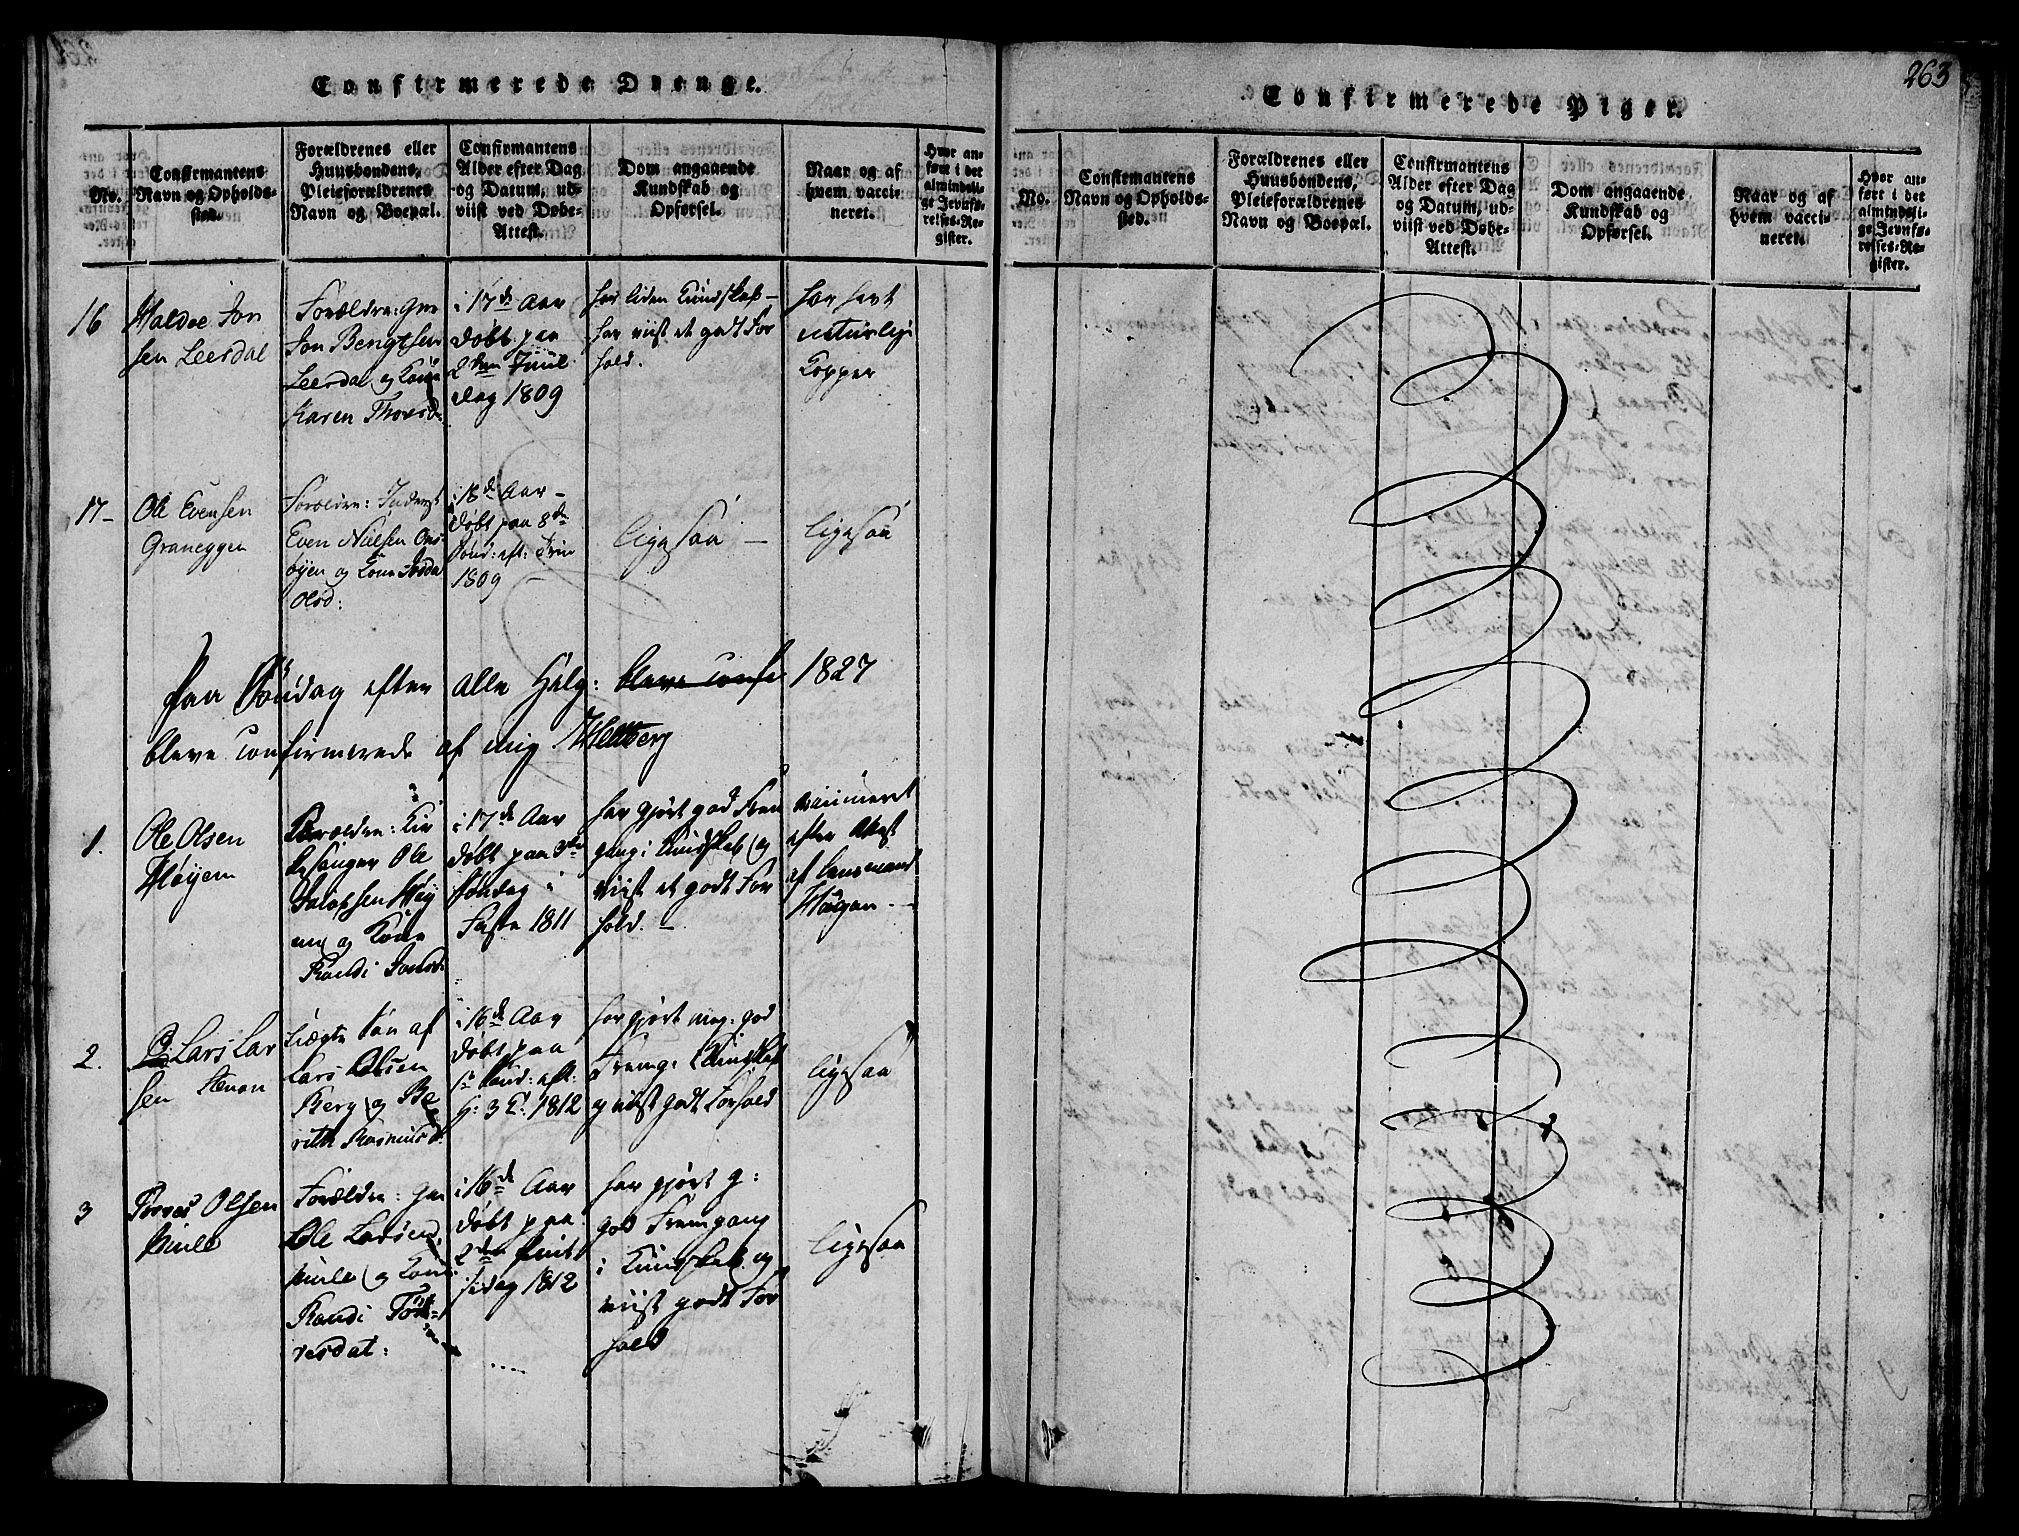 SAT, Ministerialprotokoller, klokkerbøker og fødselsregistre - Sør-Trøndelag, 612/L0372: Ministerialbok nr. 612A06 /1, 1816-1828, s. 263